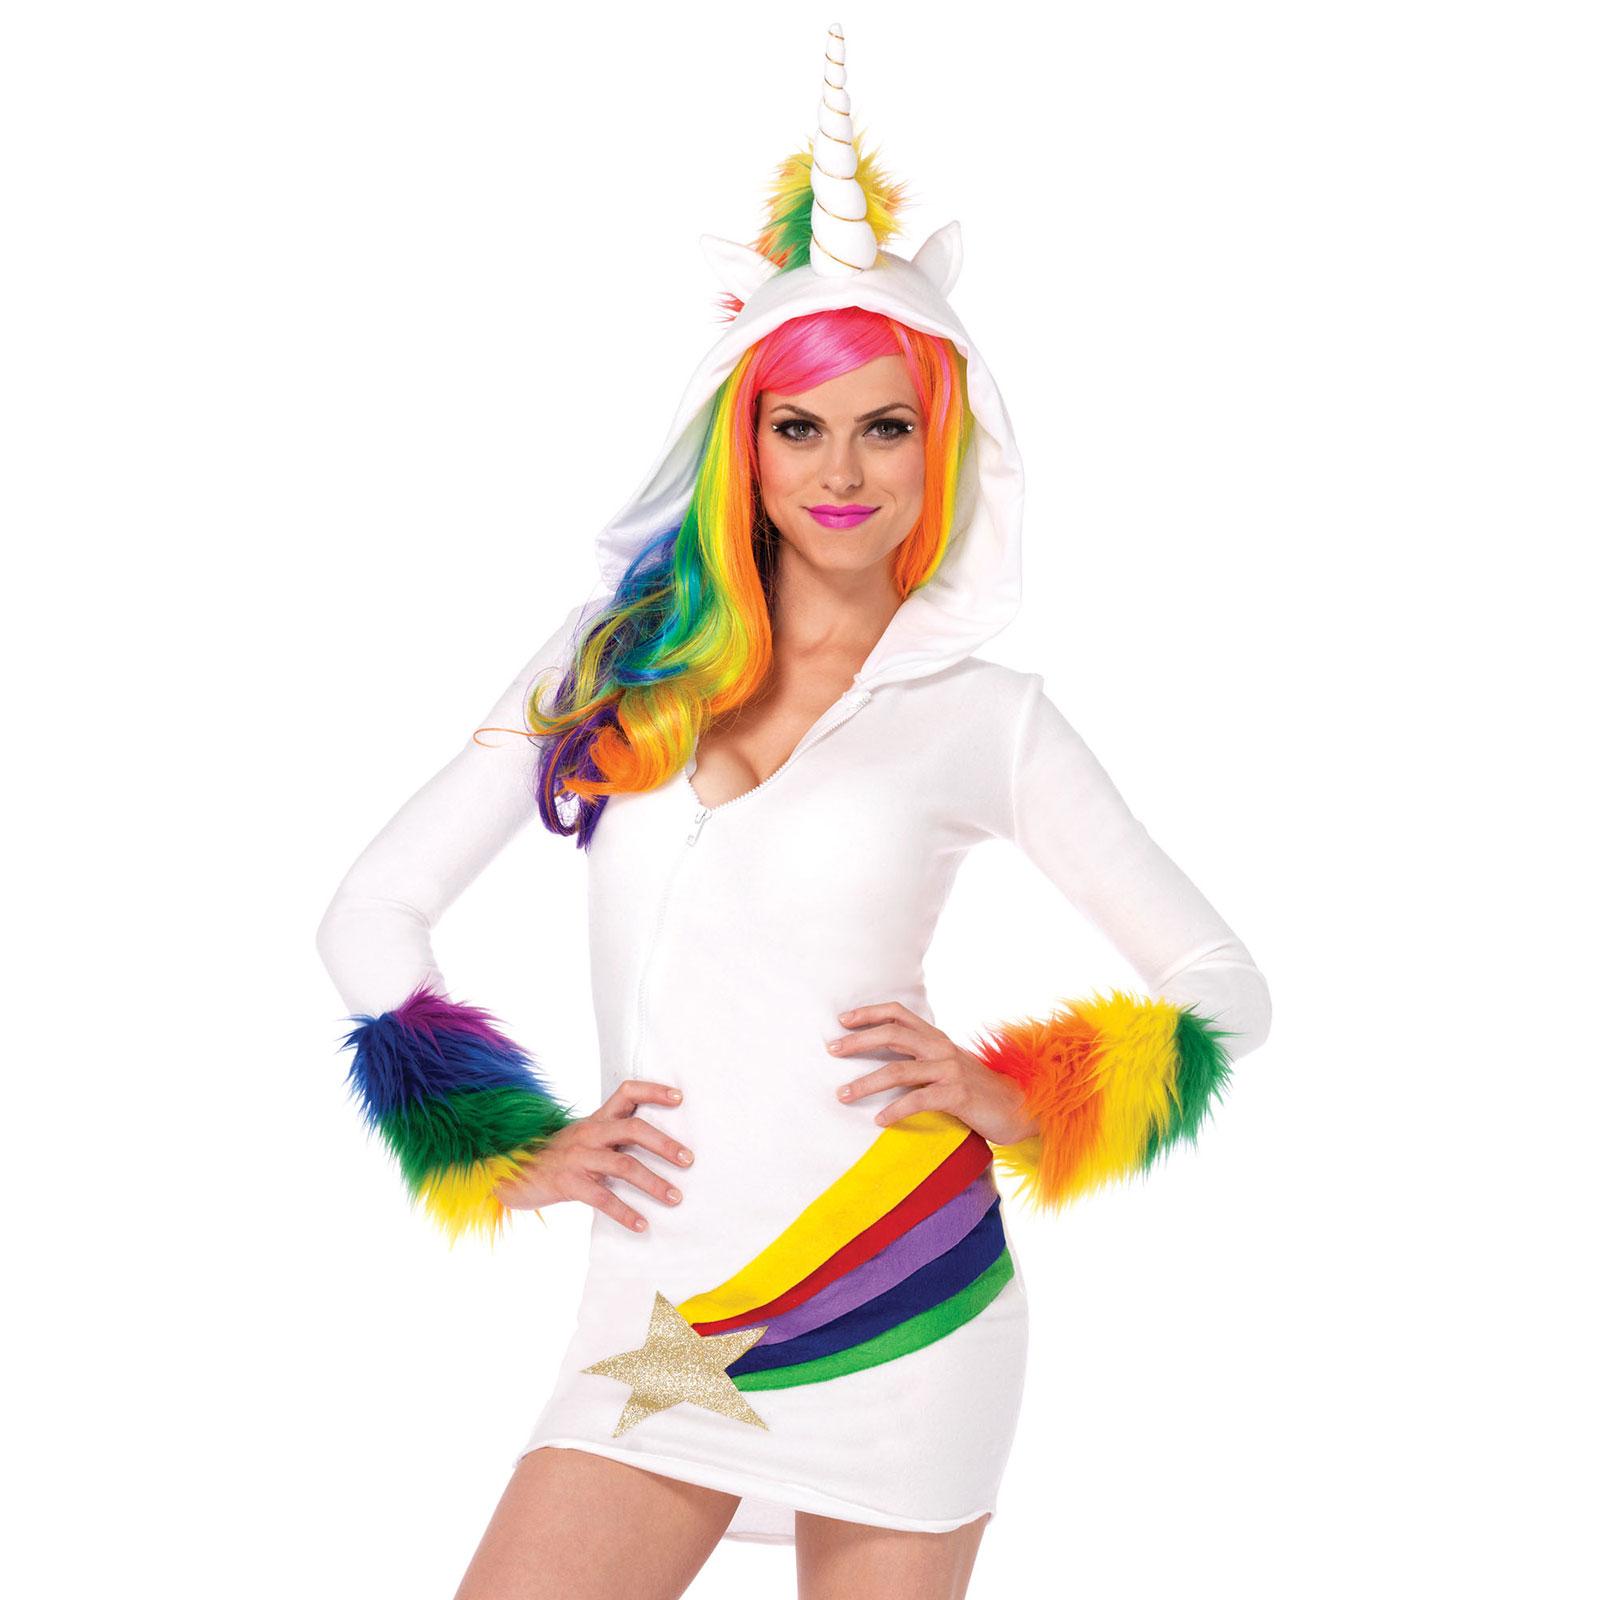 cozy rainbow unicorn zip front fleece dress halloween costume outfit adult women